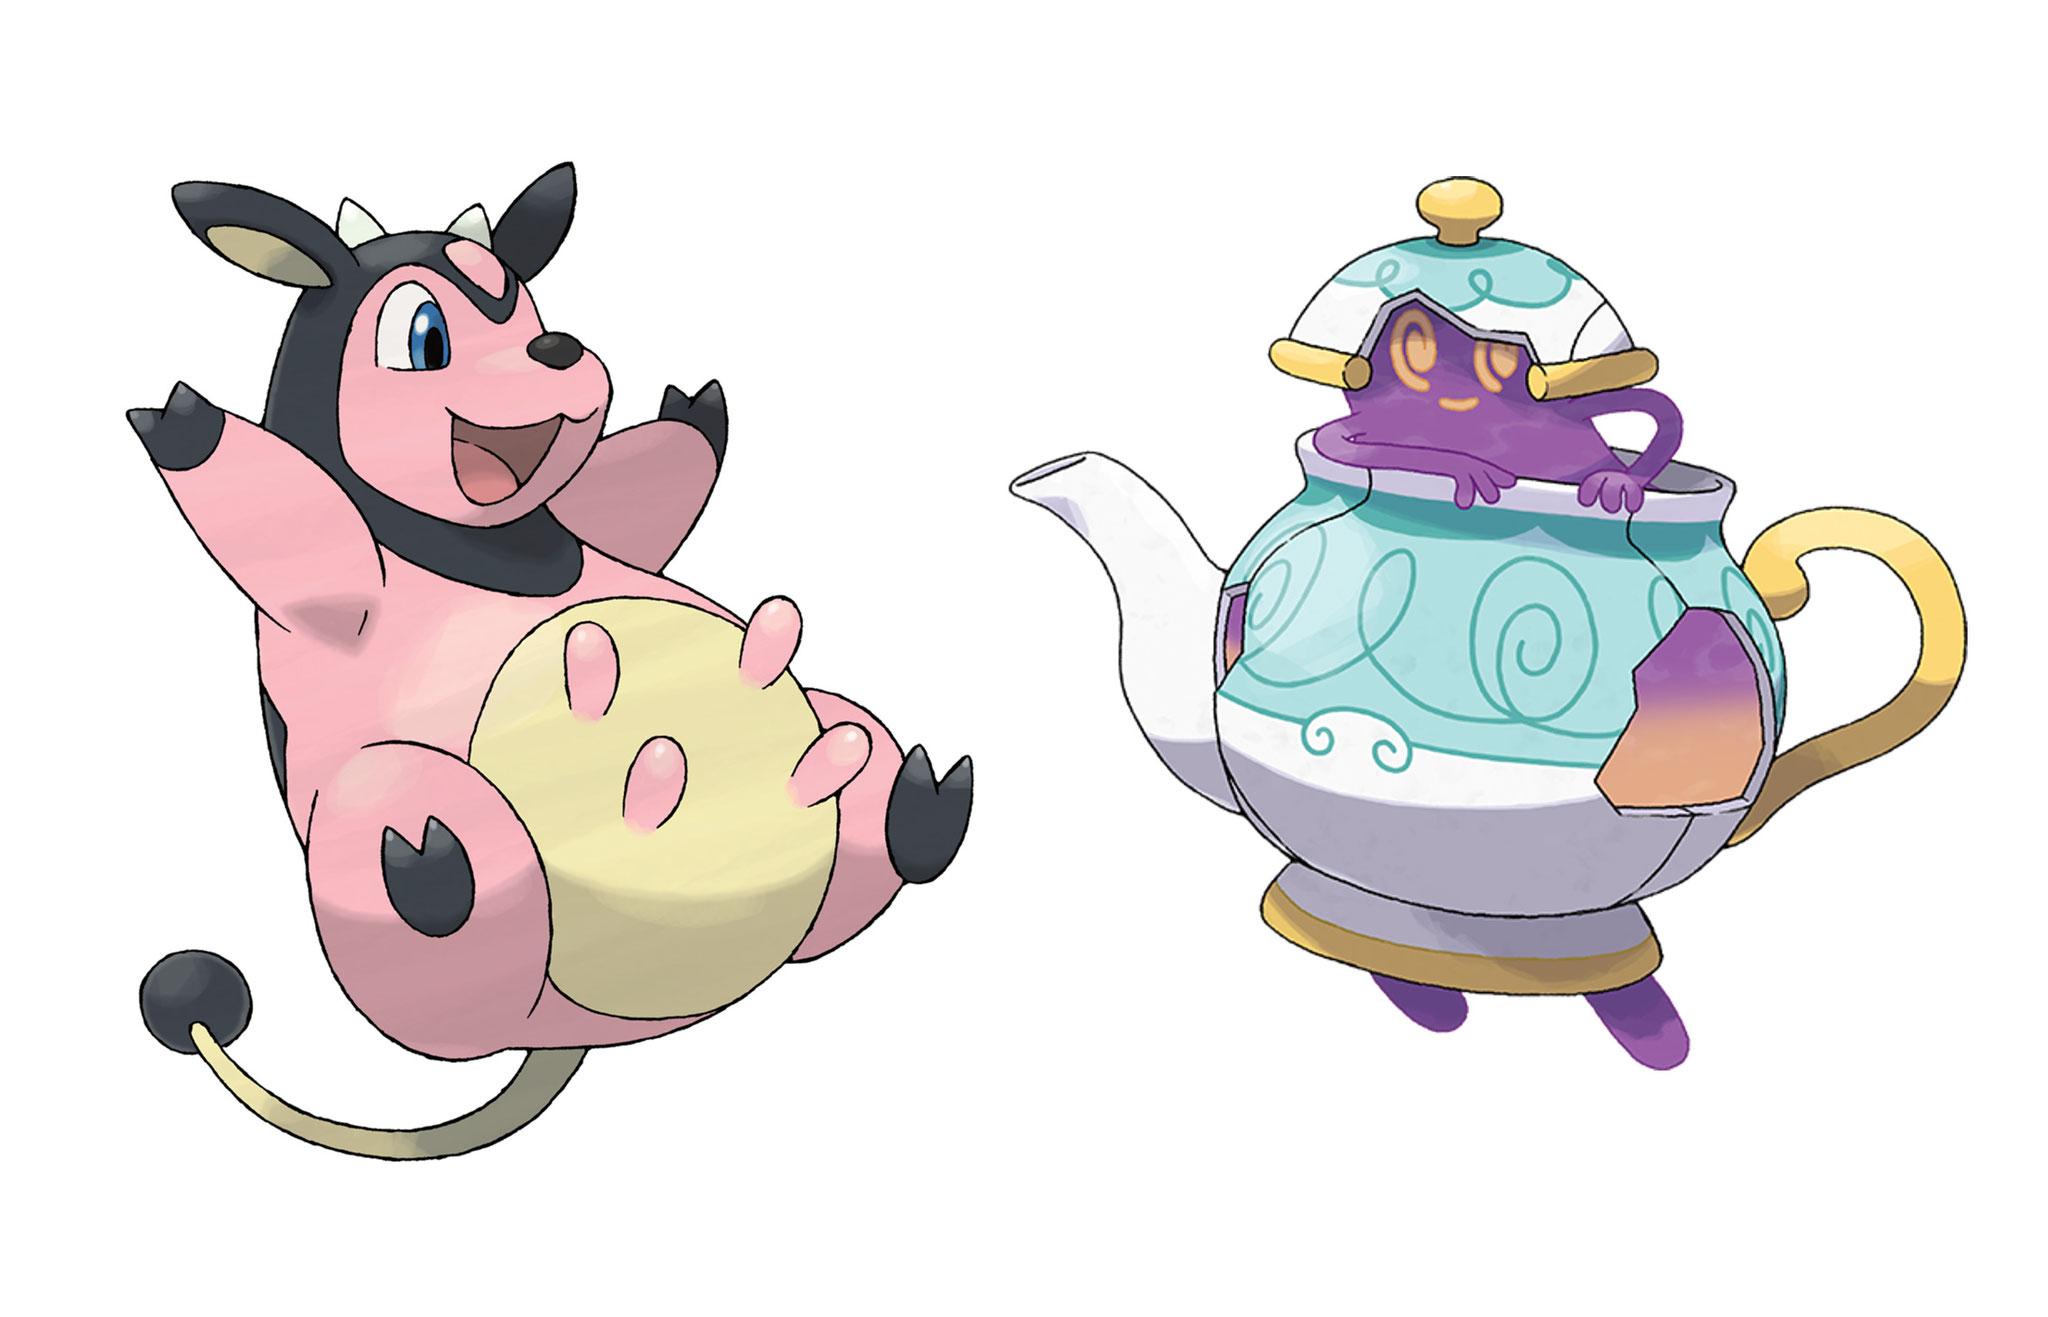 """Fleischkonsum war bislang kein Thema, Veganer sind die Bewohner der """"Pokémon""""-Welt aber ohnehin nicht. Das Kuh-ähnliche Miltank liefert gerne Milch, Mortipot gibt etwas von dem Tee ab, aus dem es sichtlich besteht."""